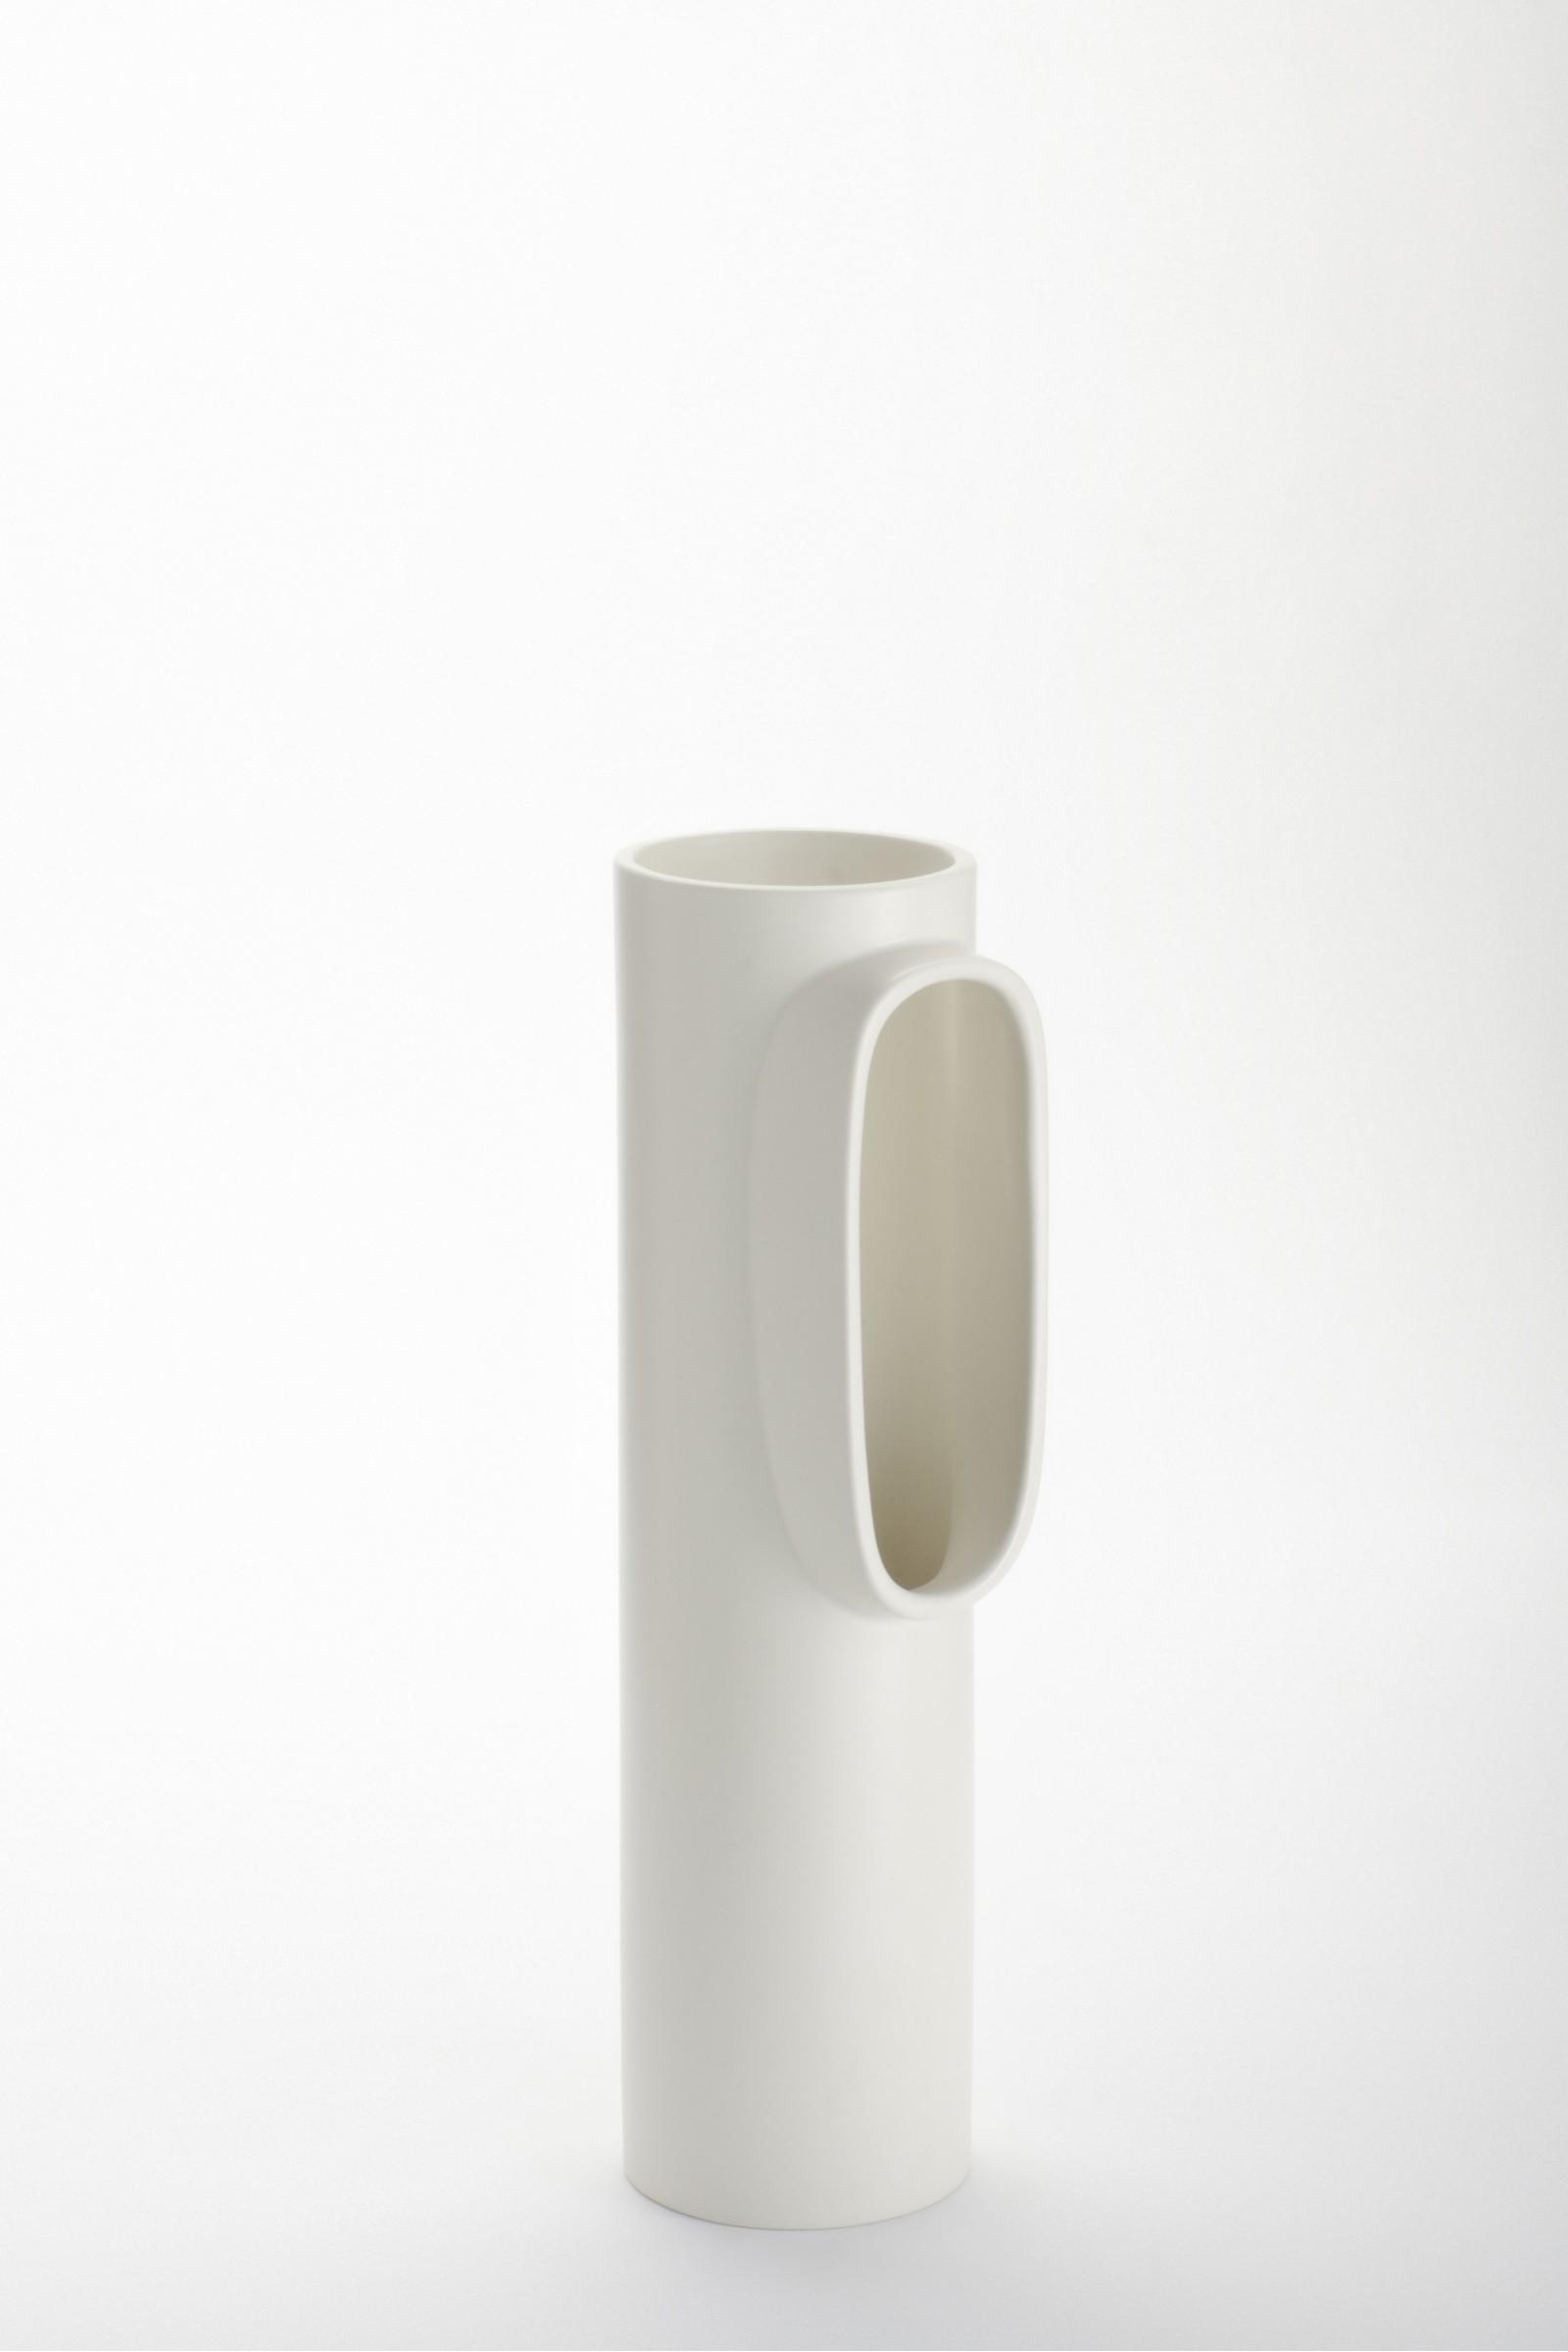 vase-design-kodama-comingb-35cm